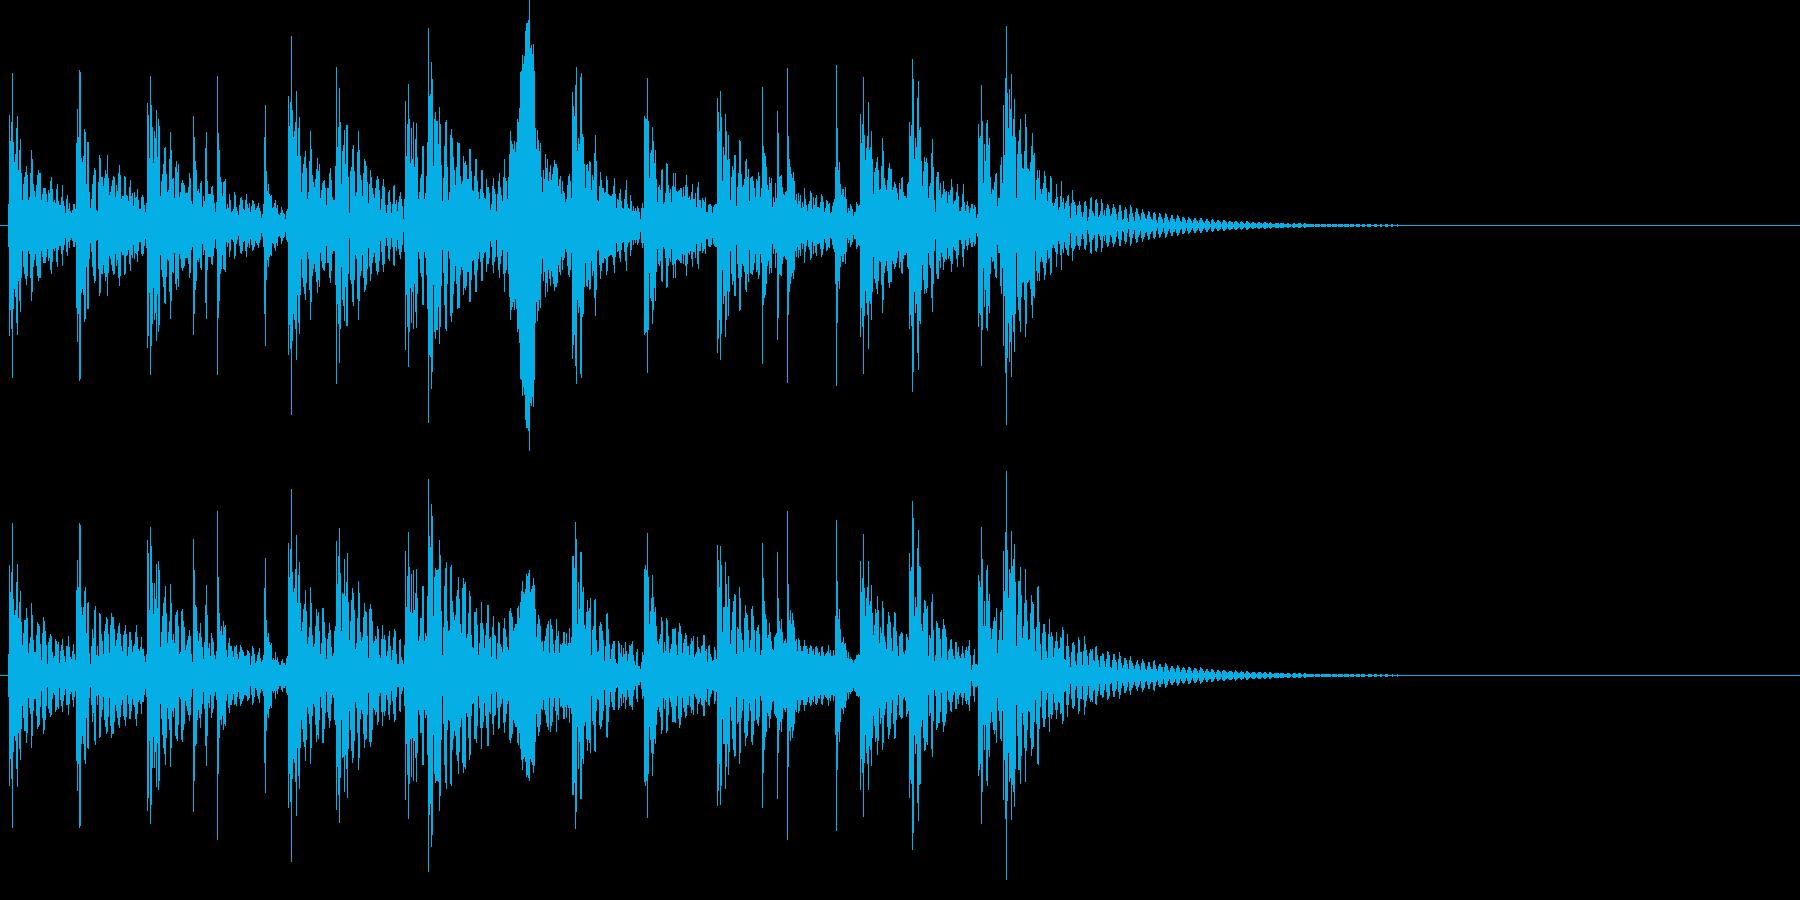 祭り太鼓の定番リズム+掛け声(低音)の再生済みの波形